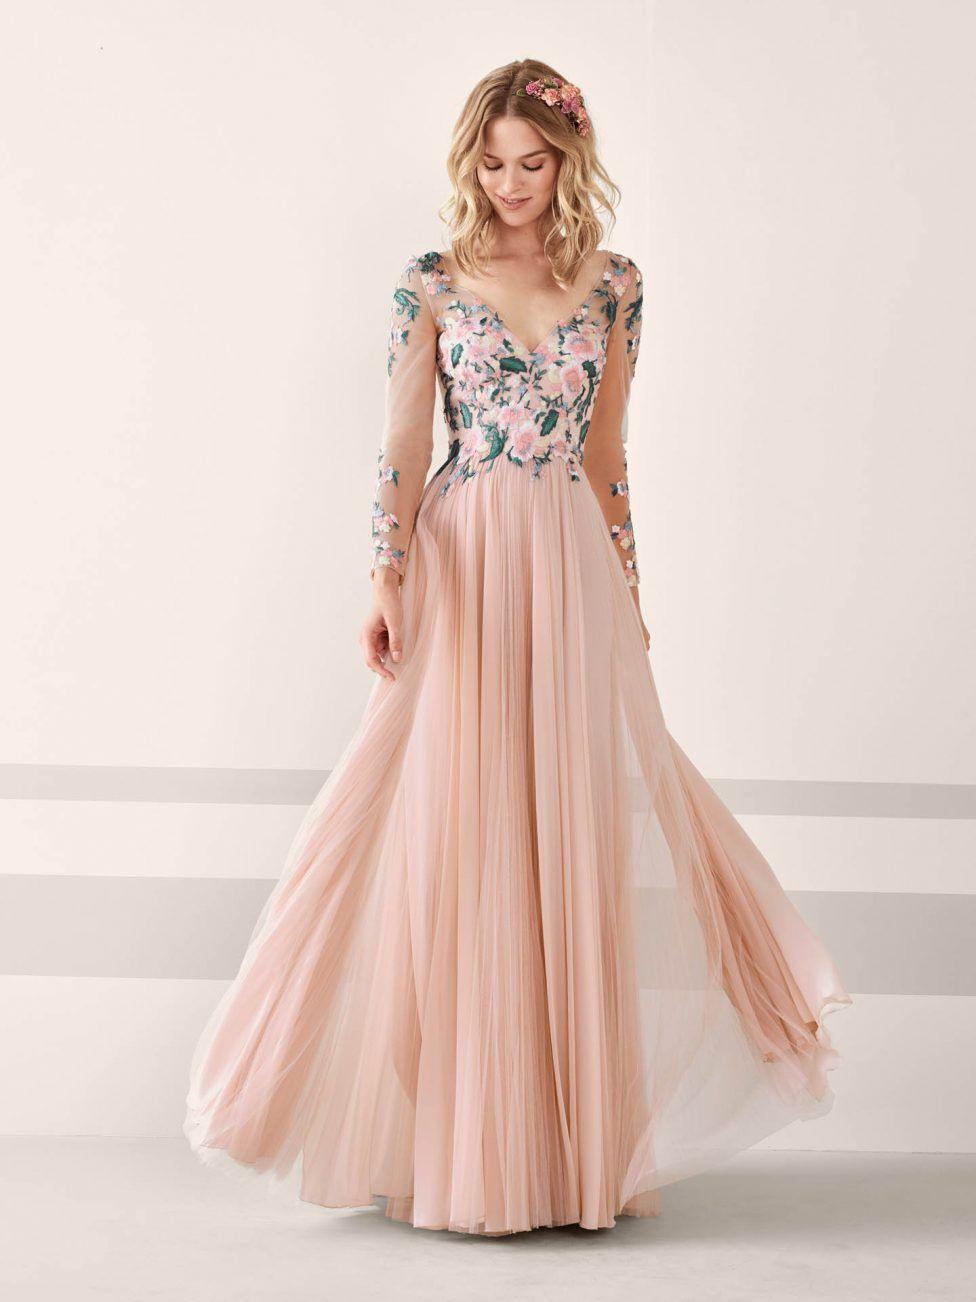 Festliche Kleider Zur Hochzeit Für Gäste Lang - Abendkleid